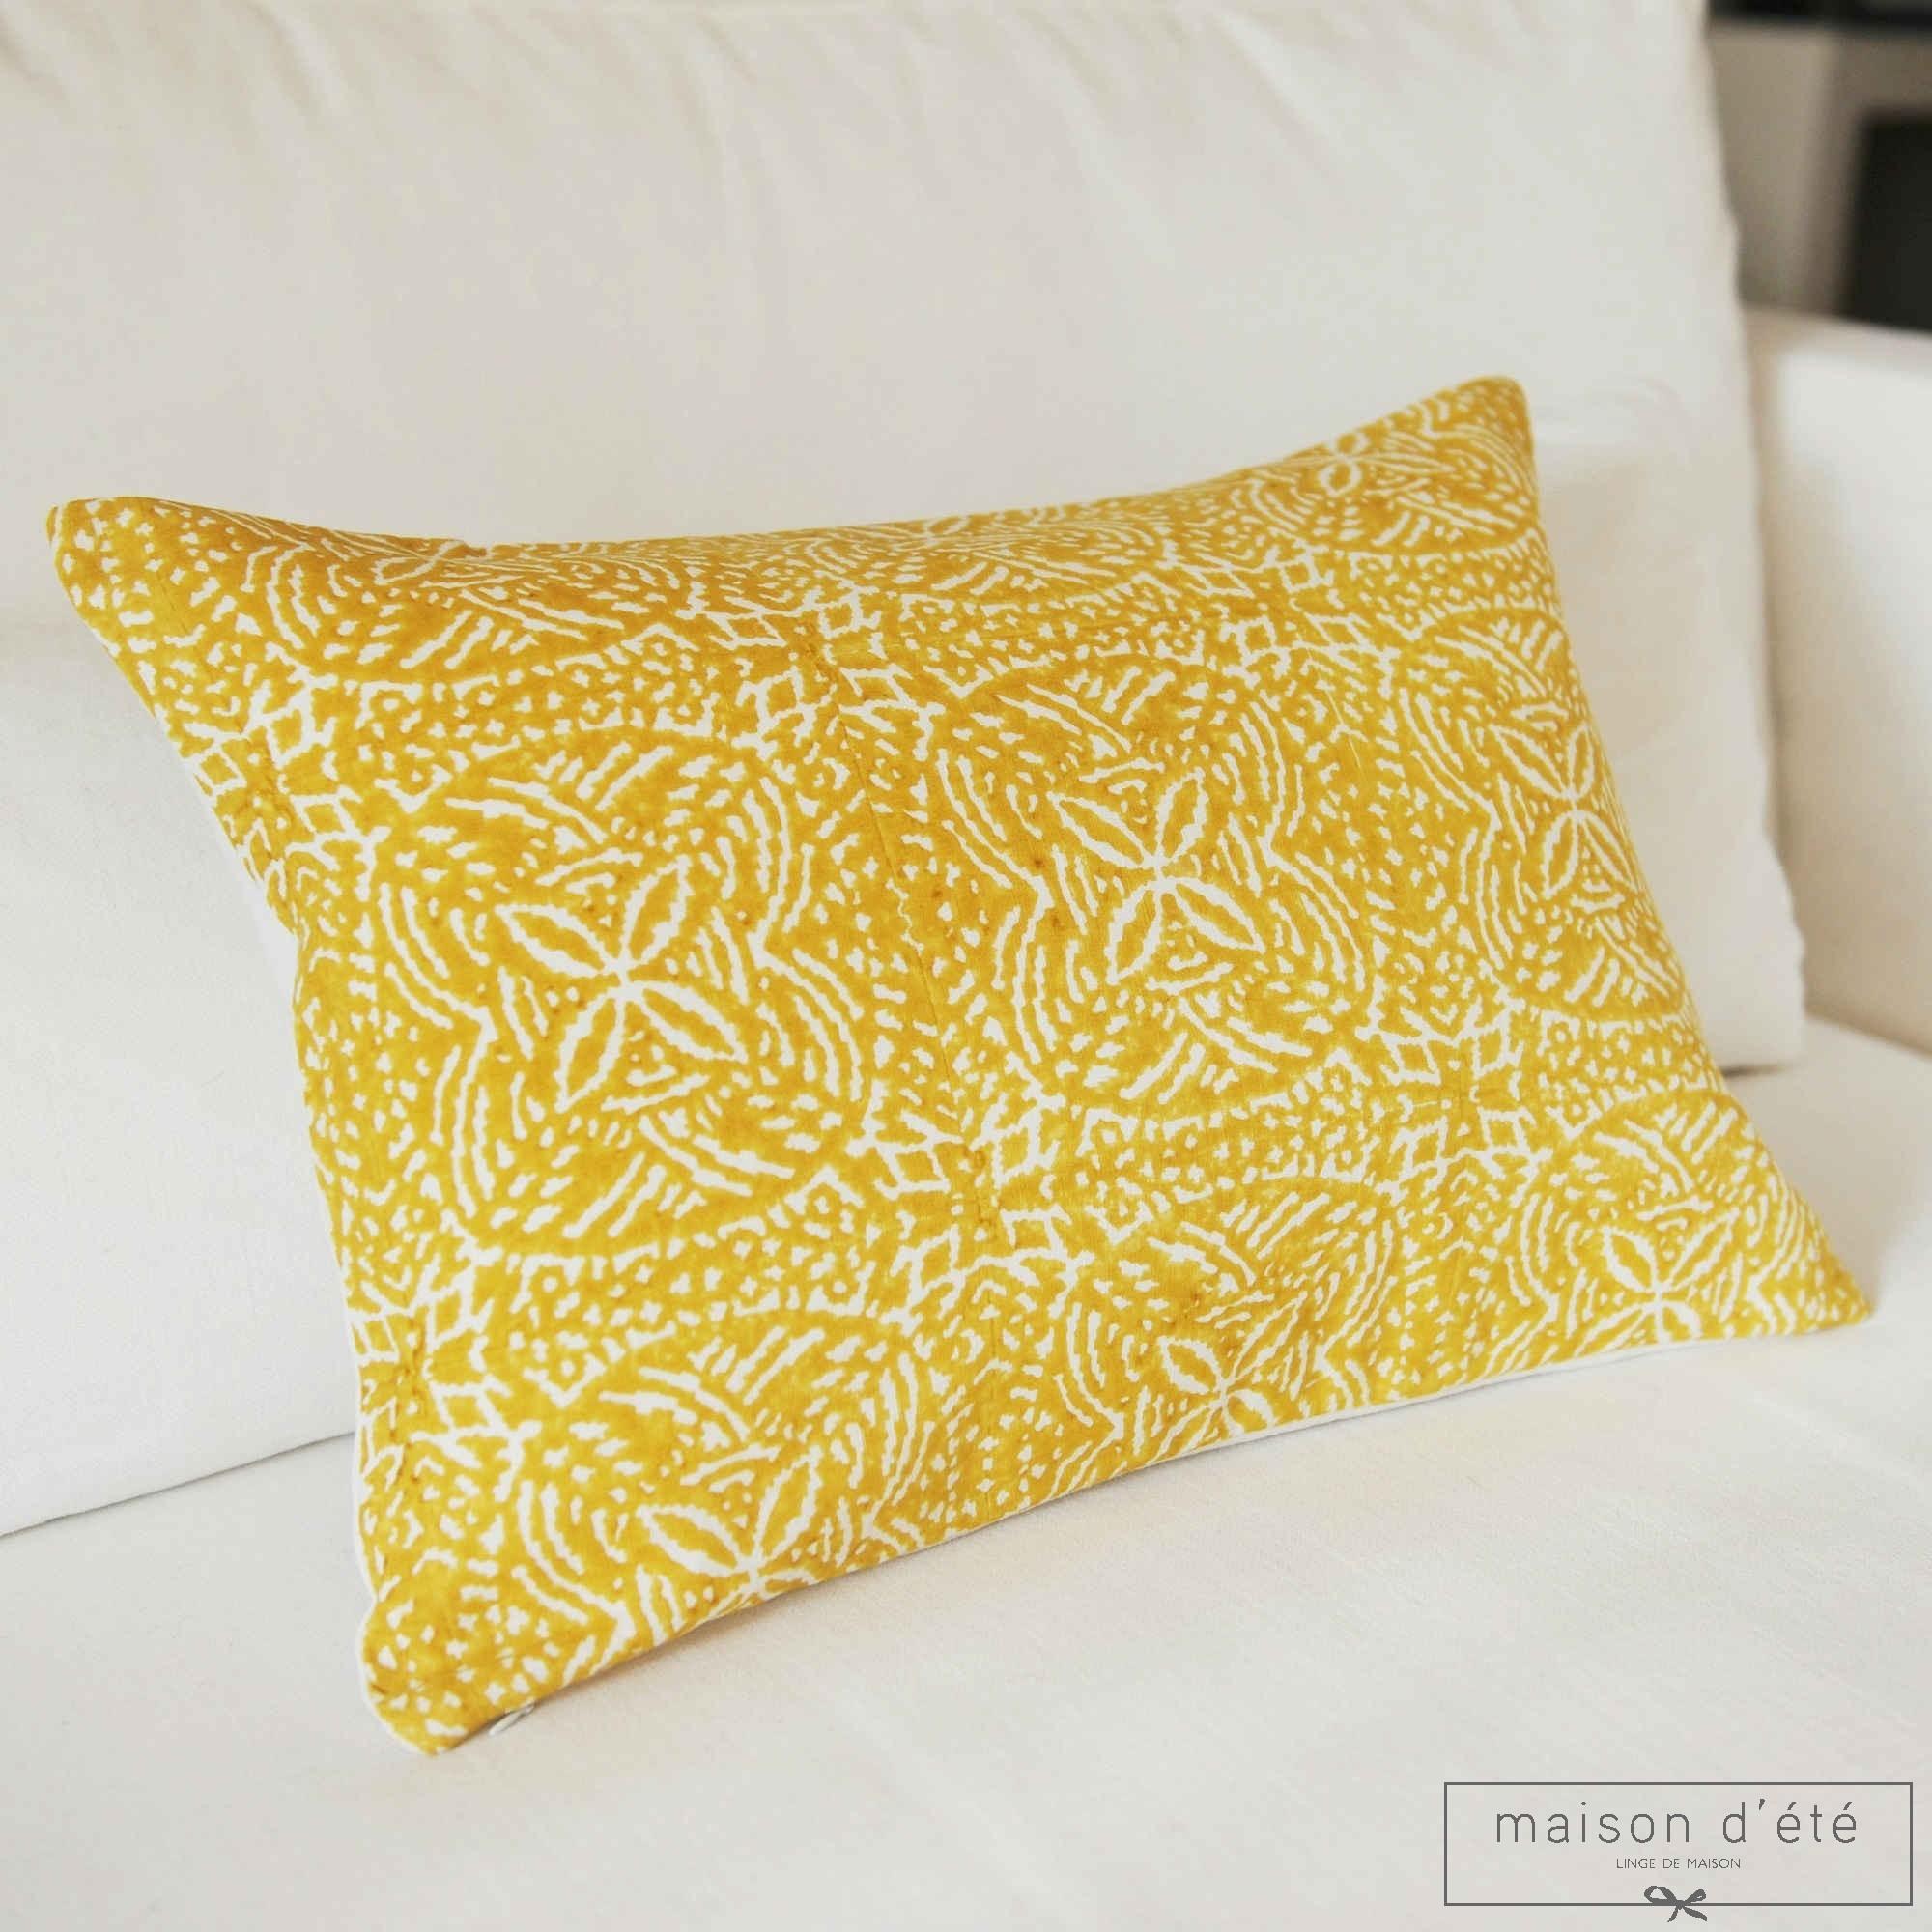 coussins décoratifs en lin et coton